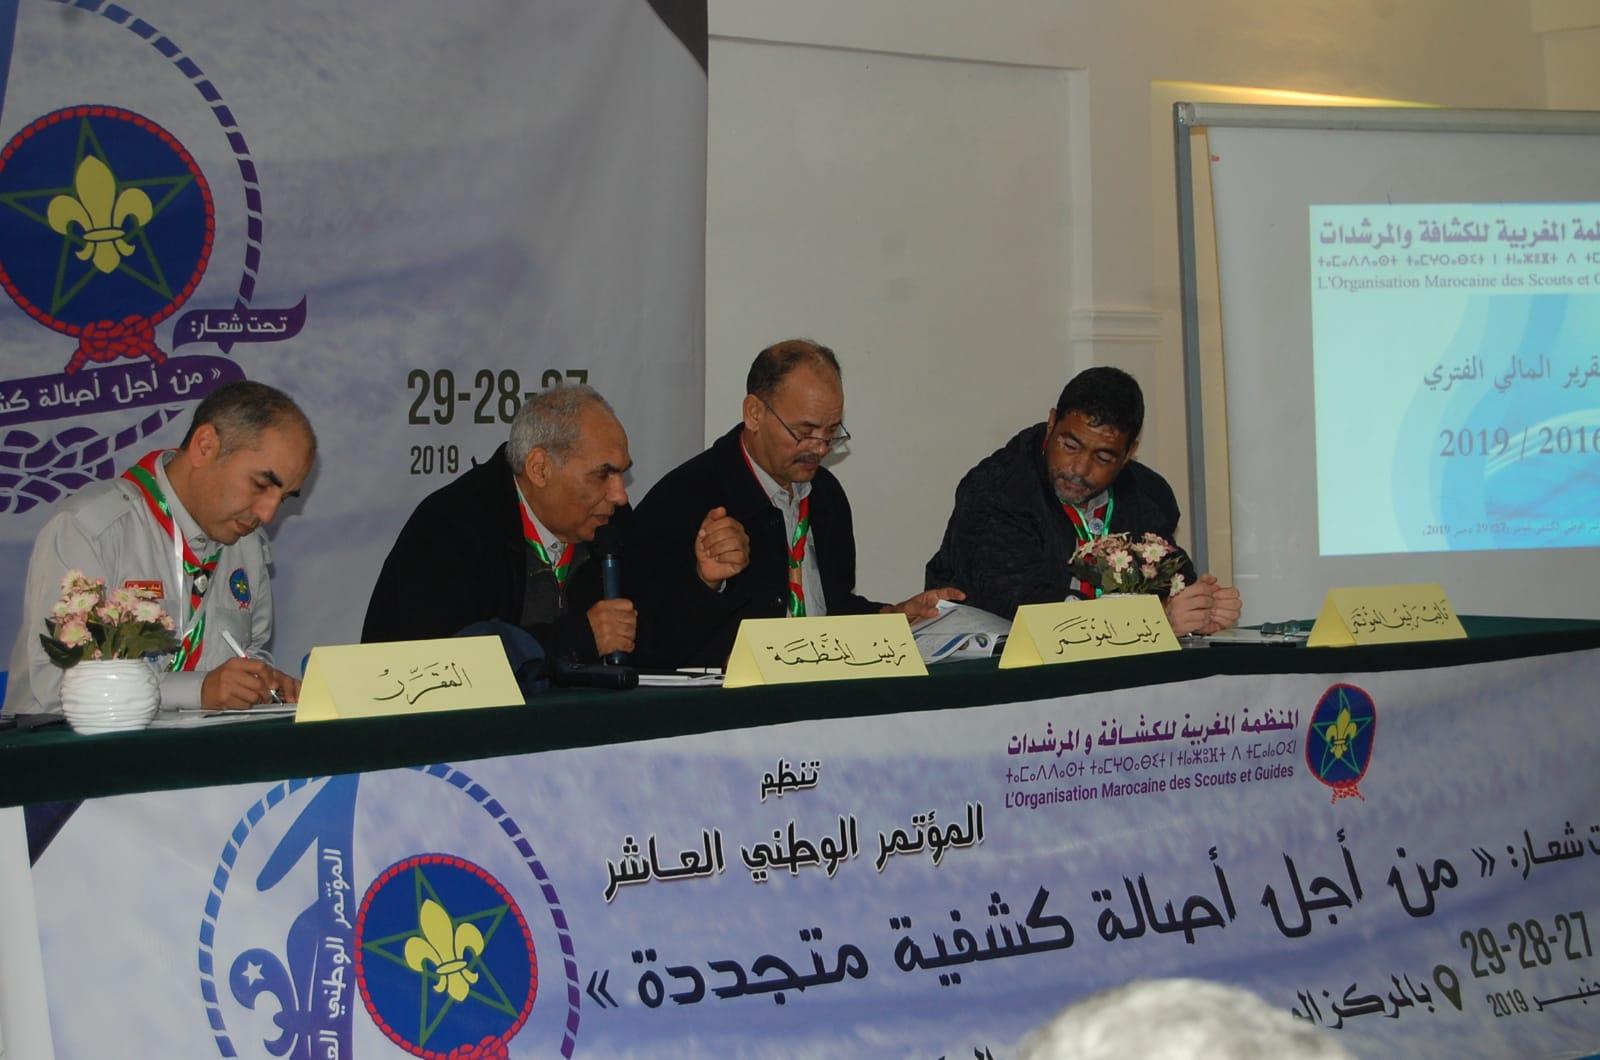 المؤتمر الوطني العاشر للمنظمة المغربية للكشافة و المرشدات يختتم أشغاله بانتخاب عزيز الحافضي لولاية ثانية